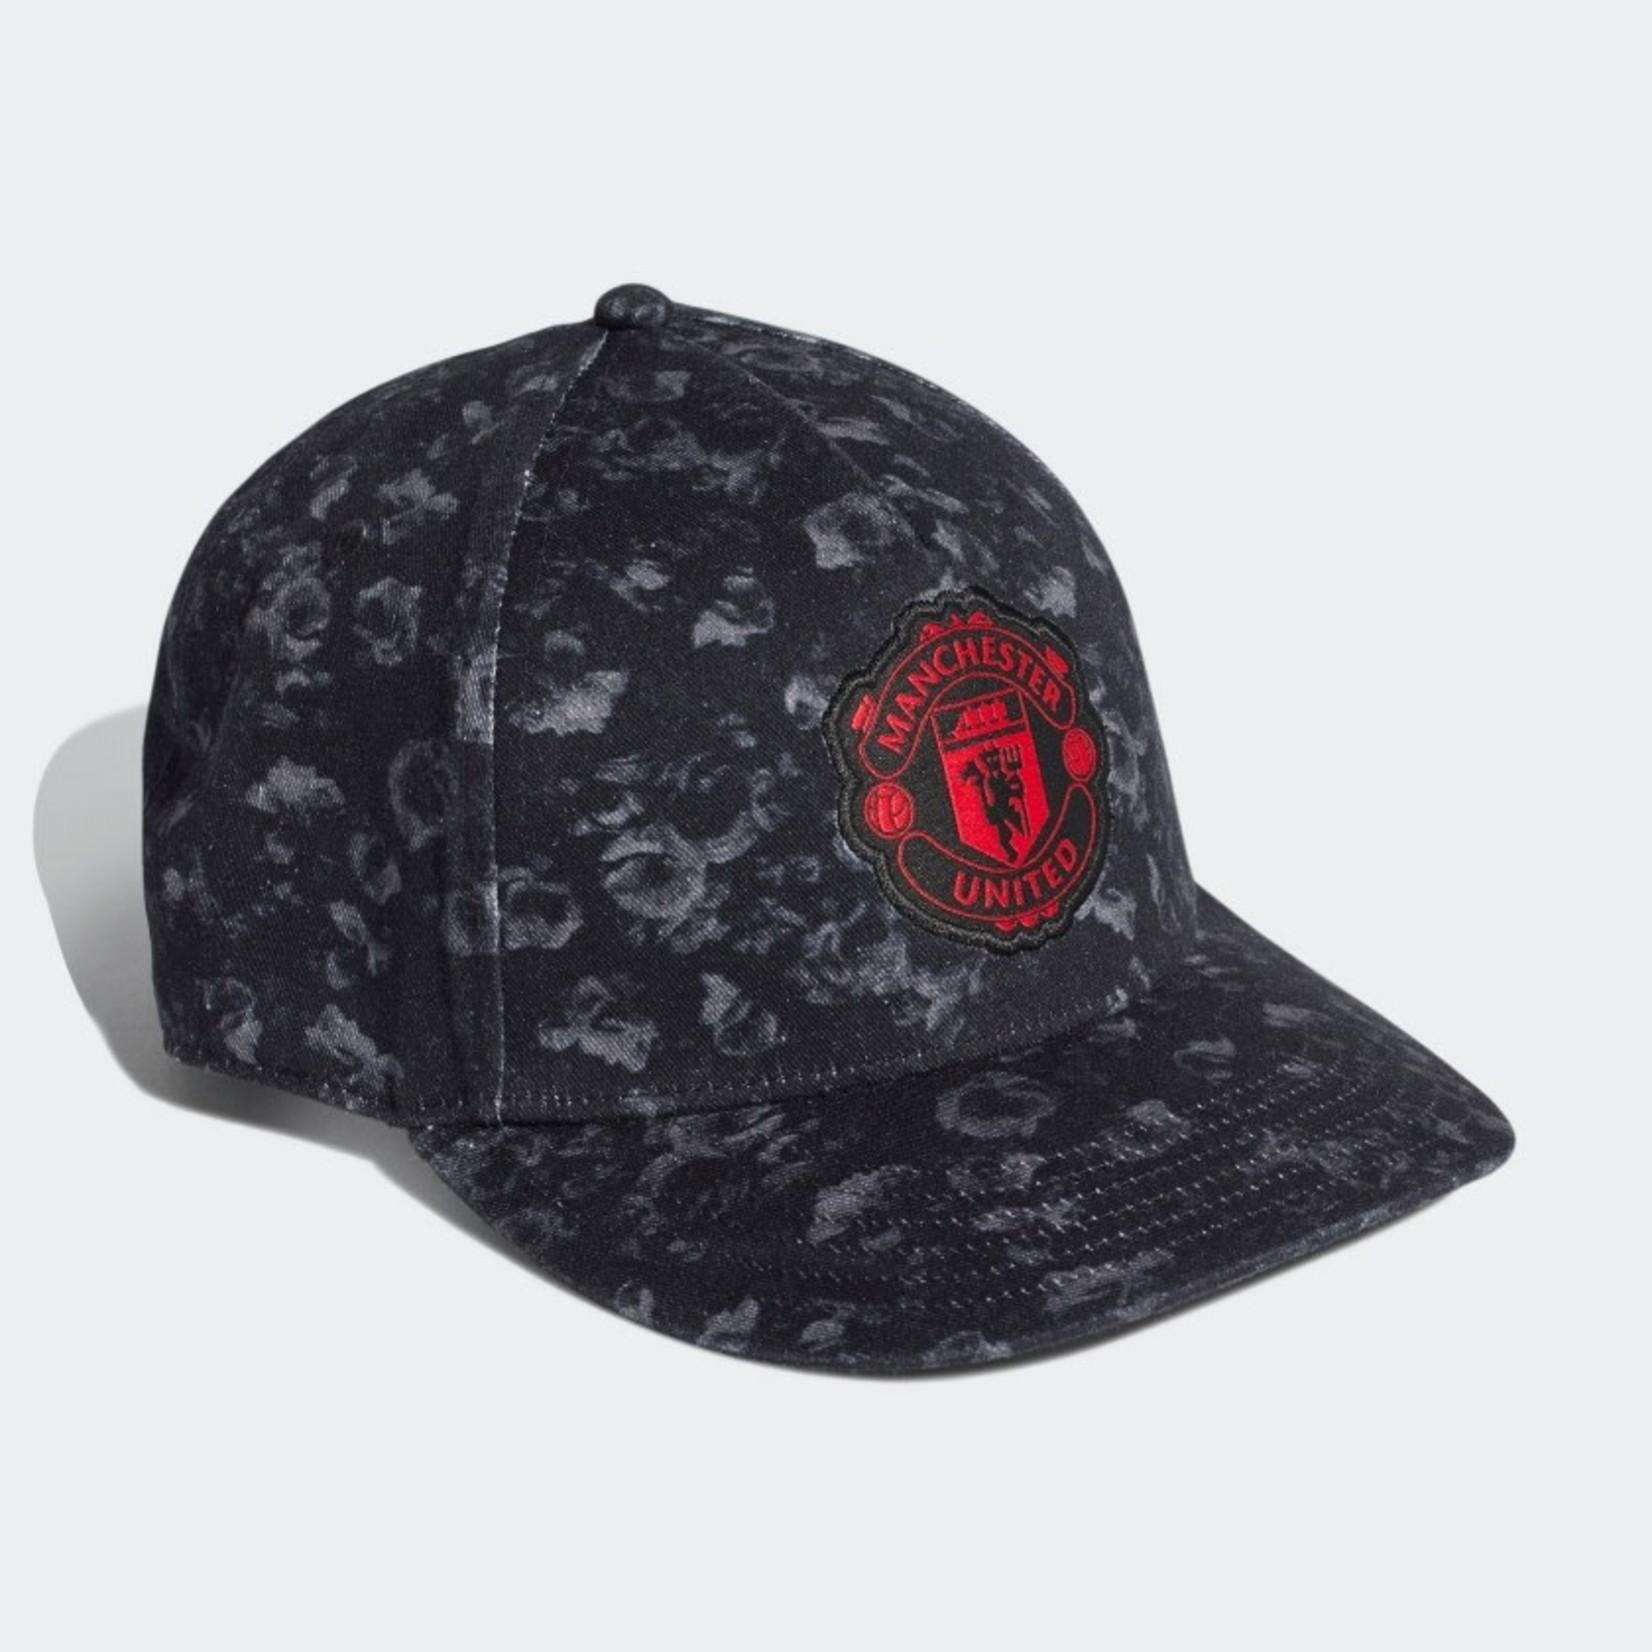 ADIDAS MANCHESTER UNITED S16 CAP